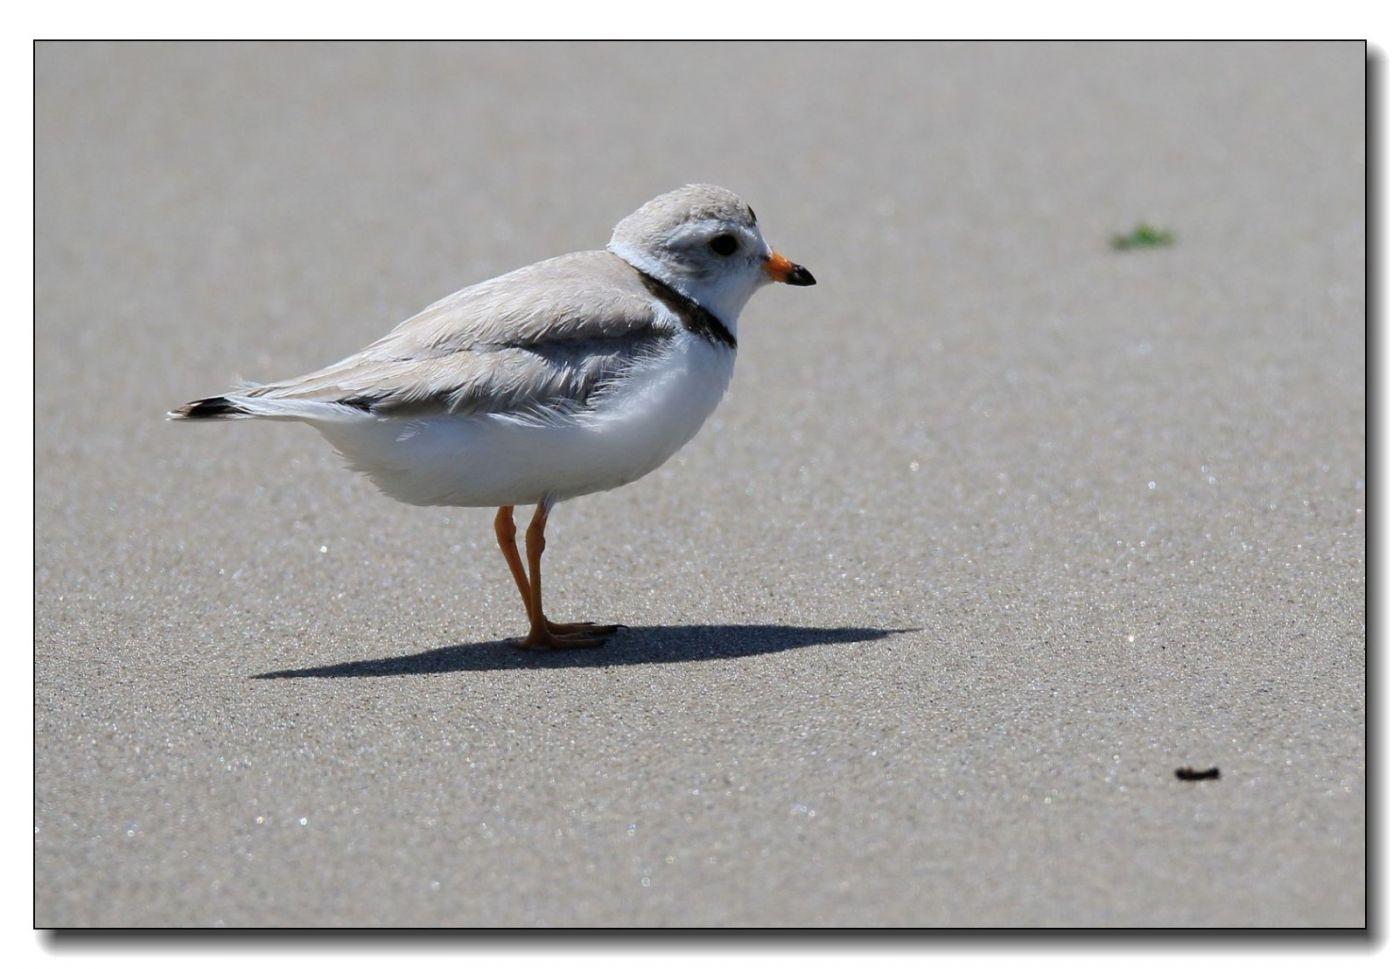 洛克威海滩拍鸟—环颈鸻_图1-1